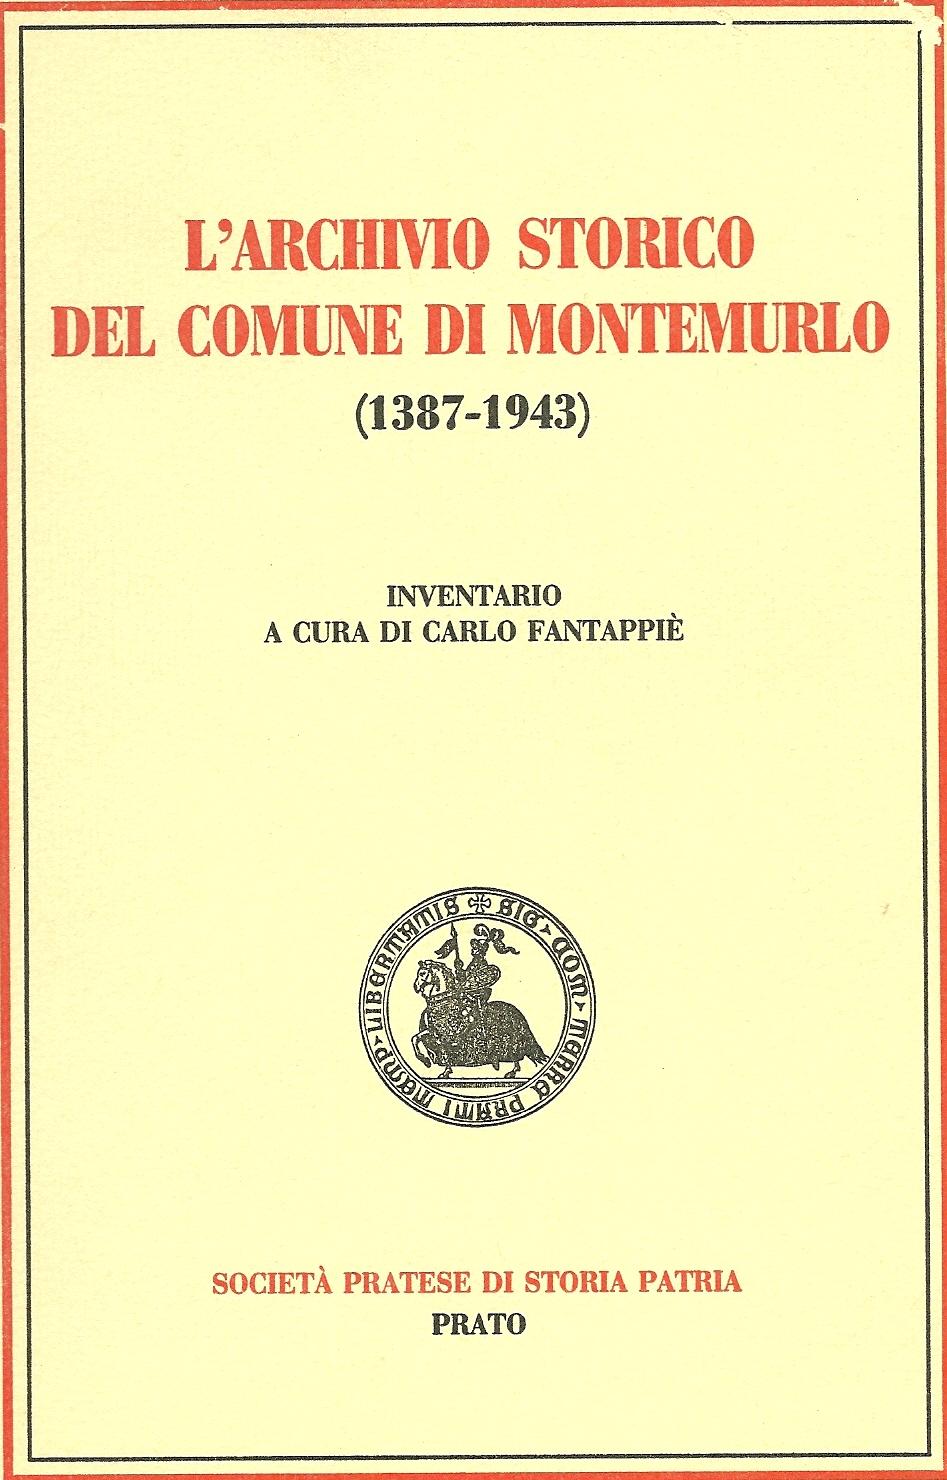 L'Archivio Storico del Comune di Montemurlo (1387-1943)